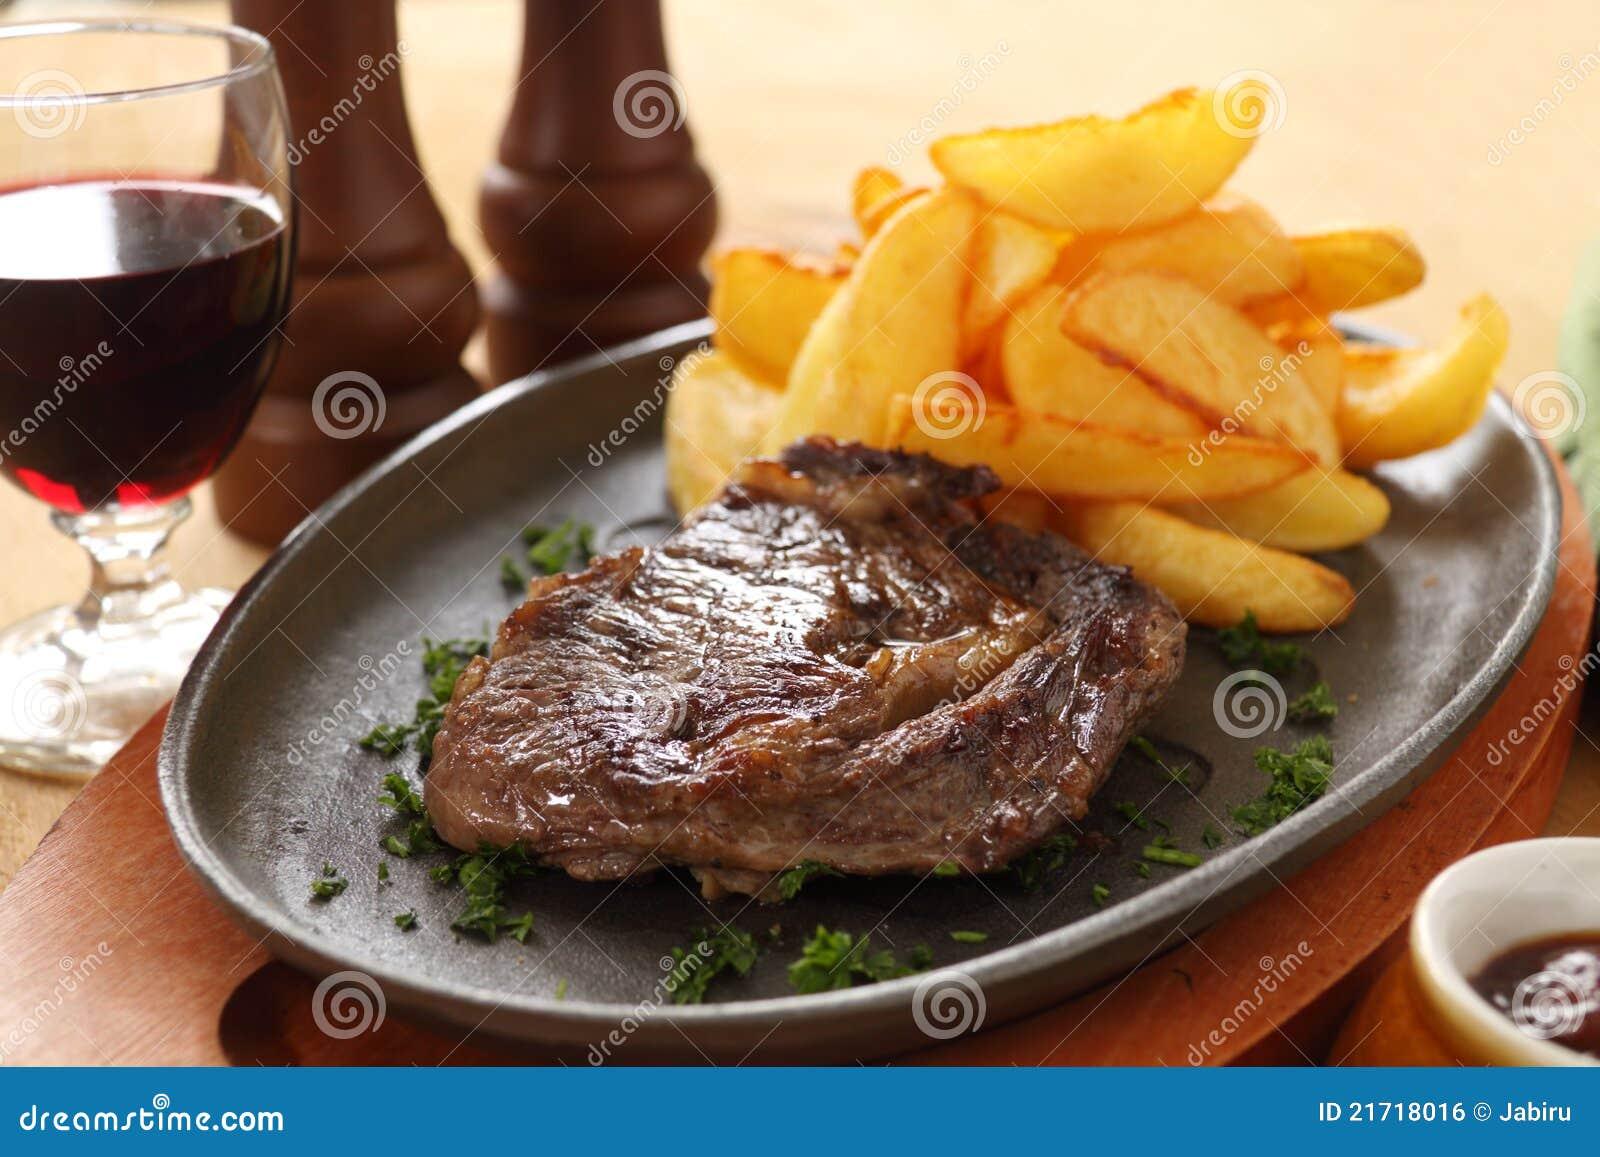 steak-dinner-clipart